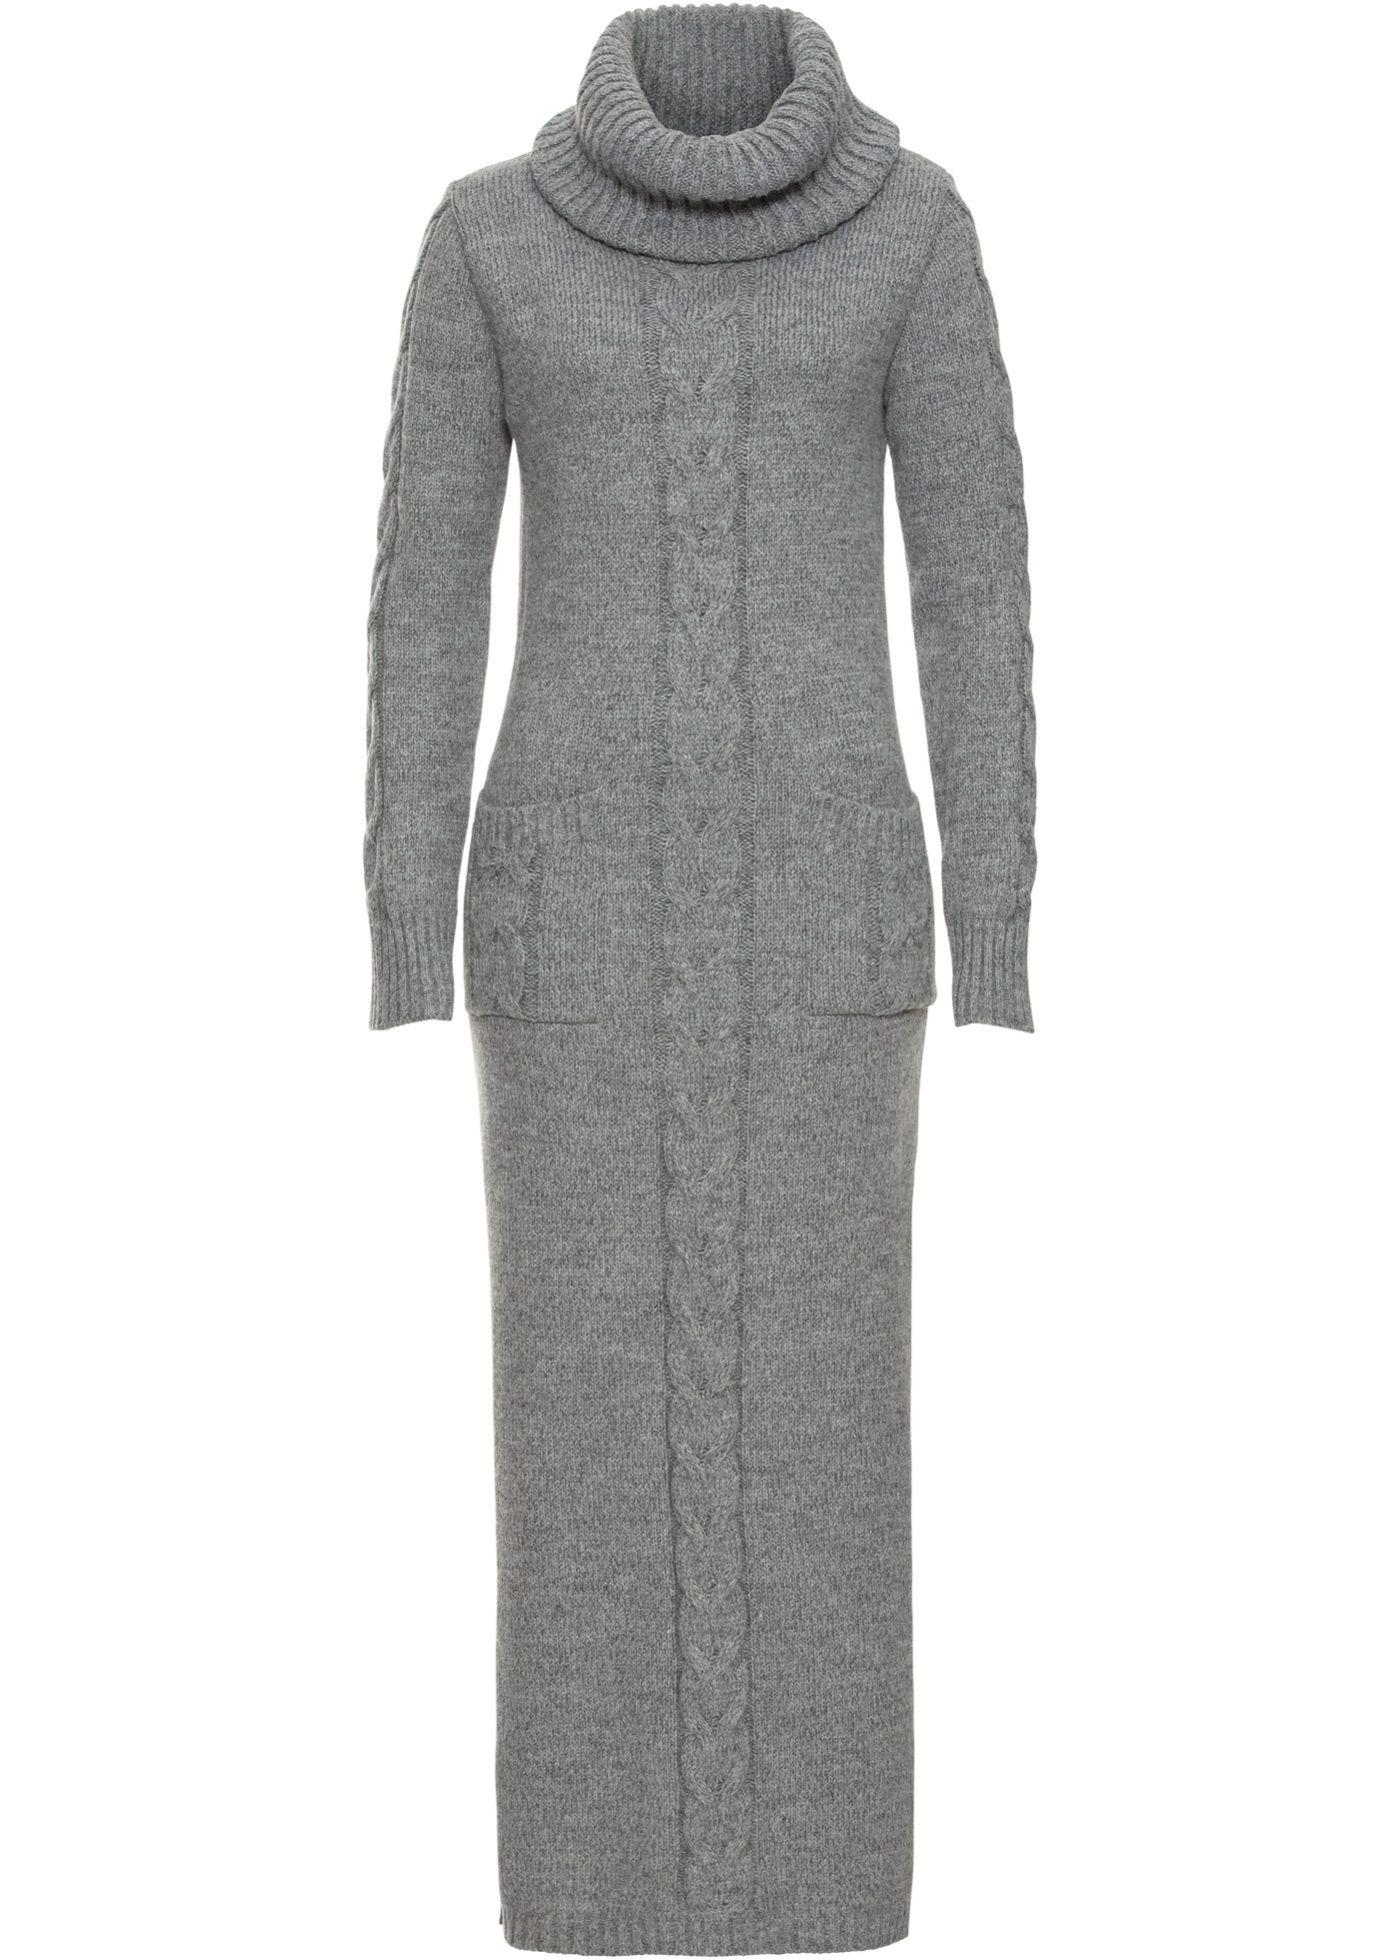 13e8cbbadb1ec6 Gebreide jurk grijs gemêleerd nu in de onlineshop van bonprix.nl vanaf   39.99  bestellen. Een klassieker voor koude dagen! Gebreide jurk in een universele  .